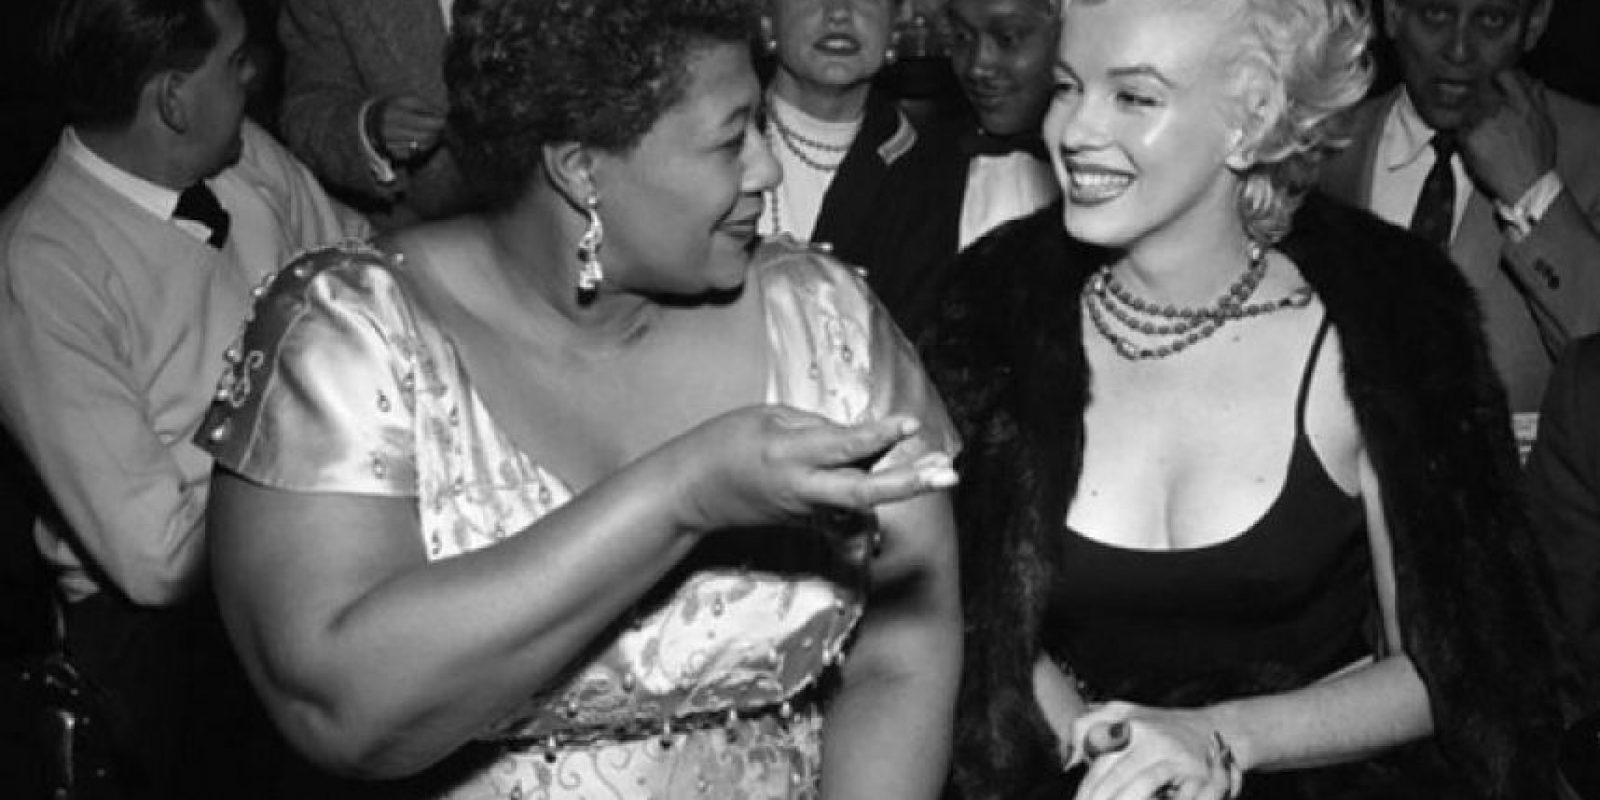 El club que no dejó entrar a Ella Fitzgerald porque era negra: La historia real es que ya habían actuado muchos artistas de color en el lugar. El gerente del club, Charlie Morrison, simplemente creía que Ella no tenía el suficiente glamour. Lo que es cierto es que Monroe intercedió por ella. Foto:Flickr – Archivo